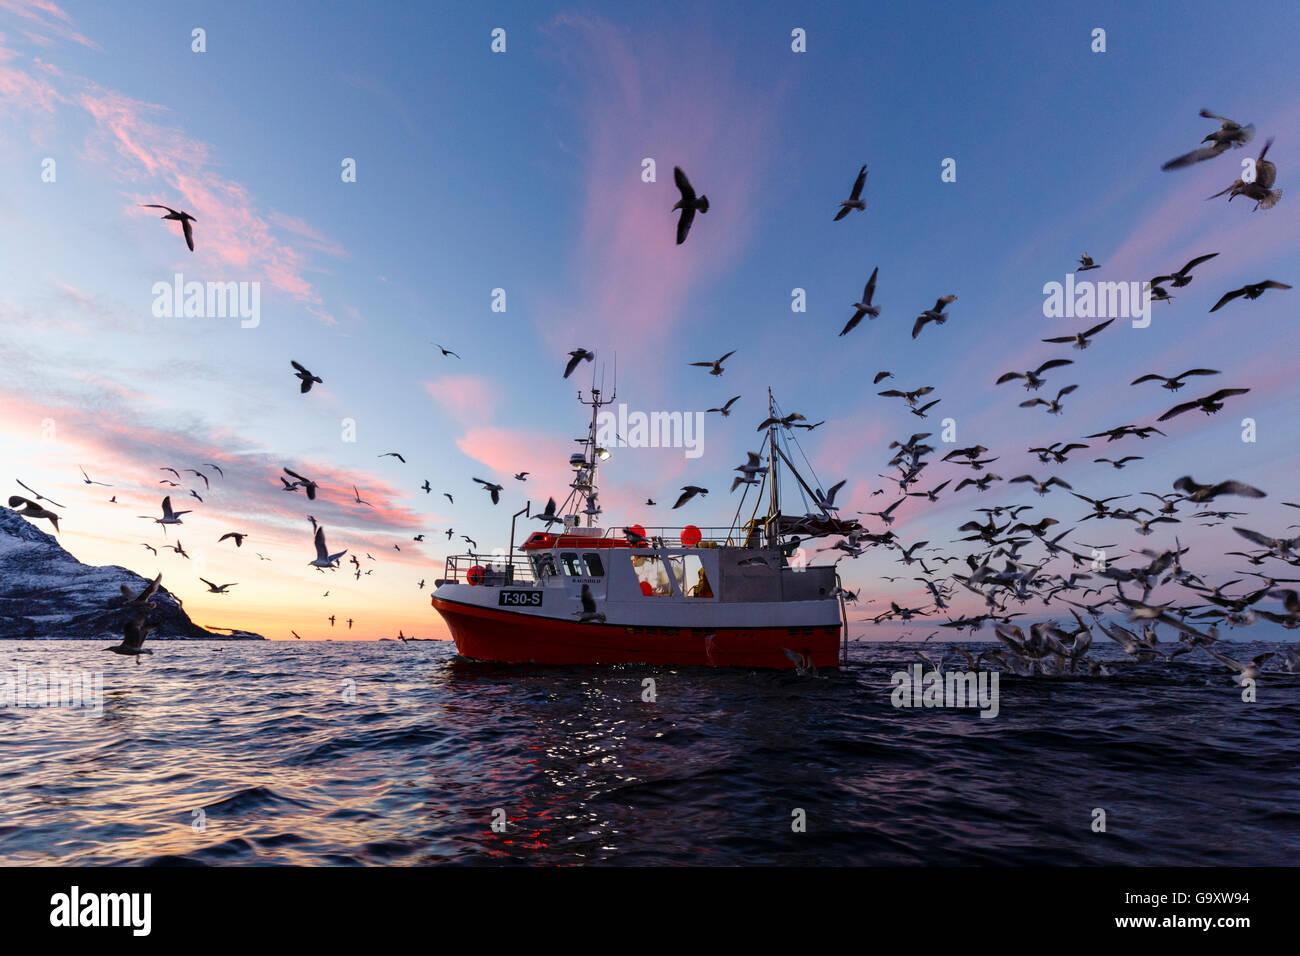 Les goélands (Laridae) à la suite de petit bateau de pêche, Kvaloya, Troms, Norway, novembre. Photo Stock